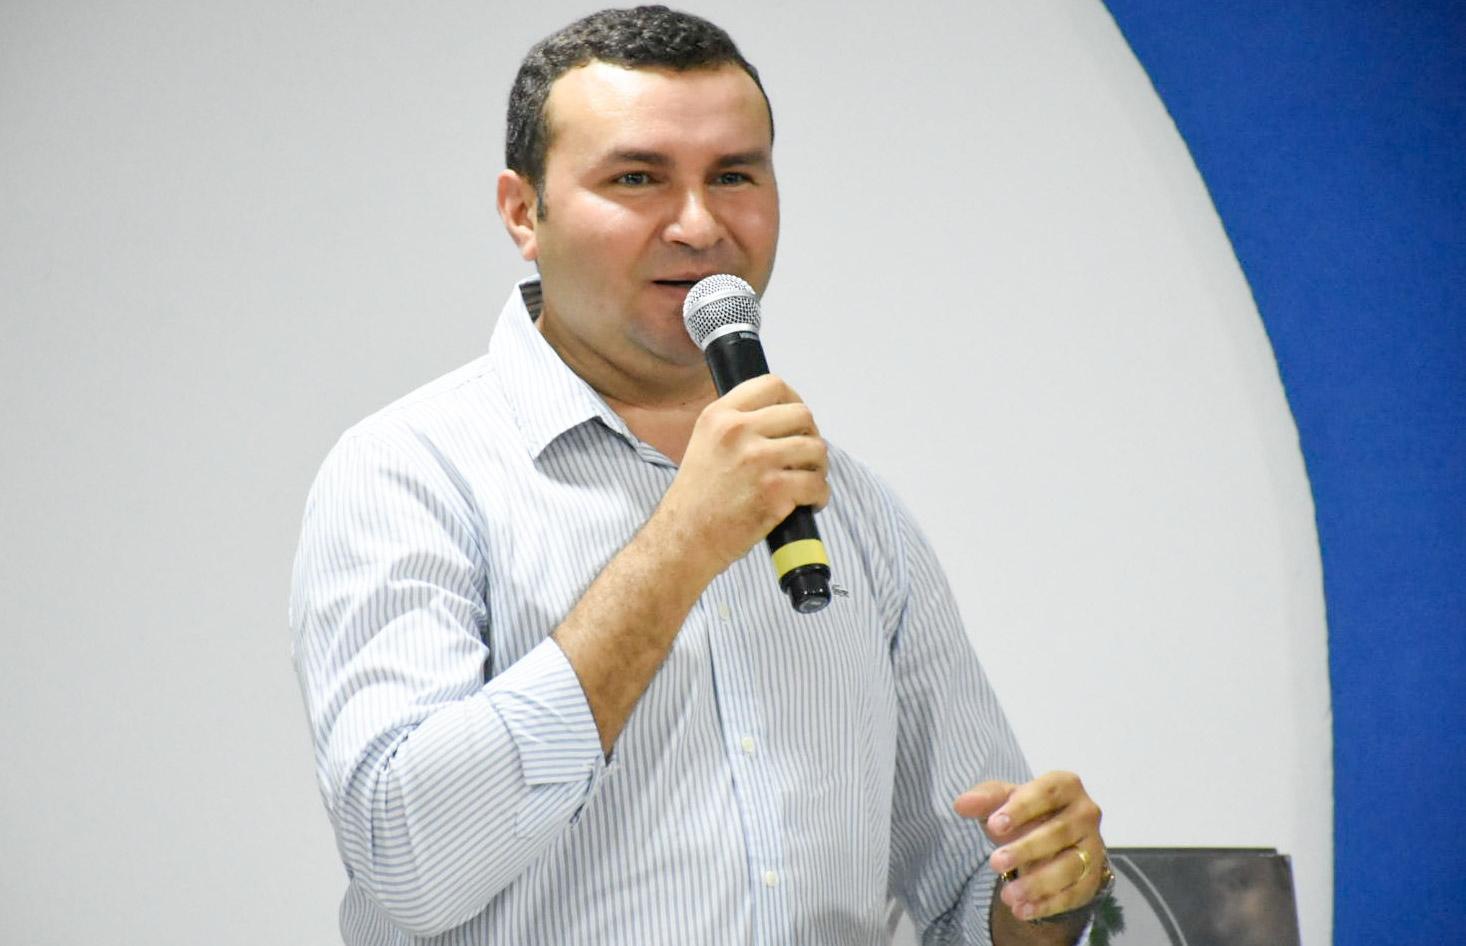 Após cobrança do vereador Emídio Jr., secretária de Saúde anuncia providências - MACAÍBA NEWS